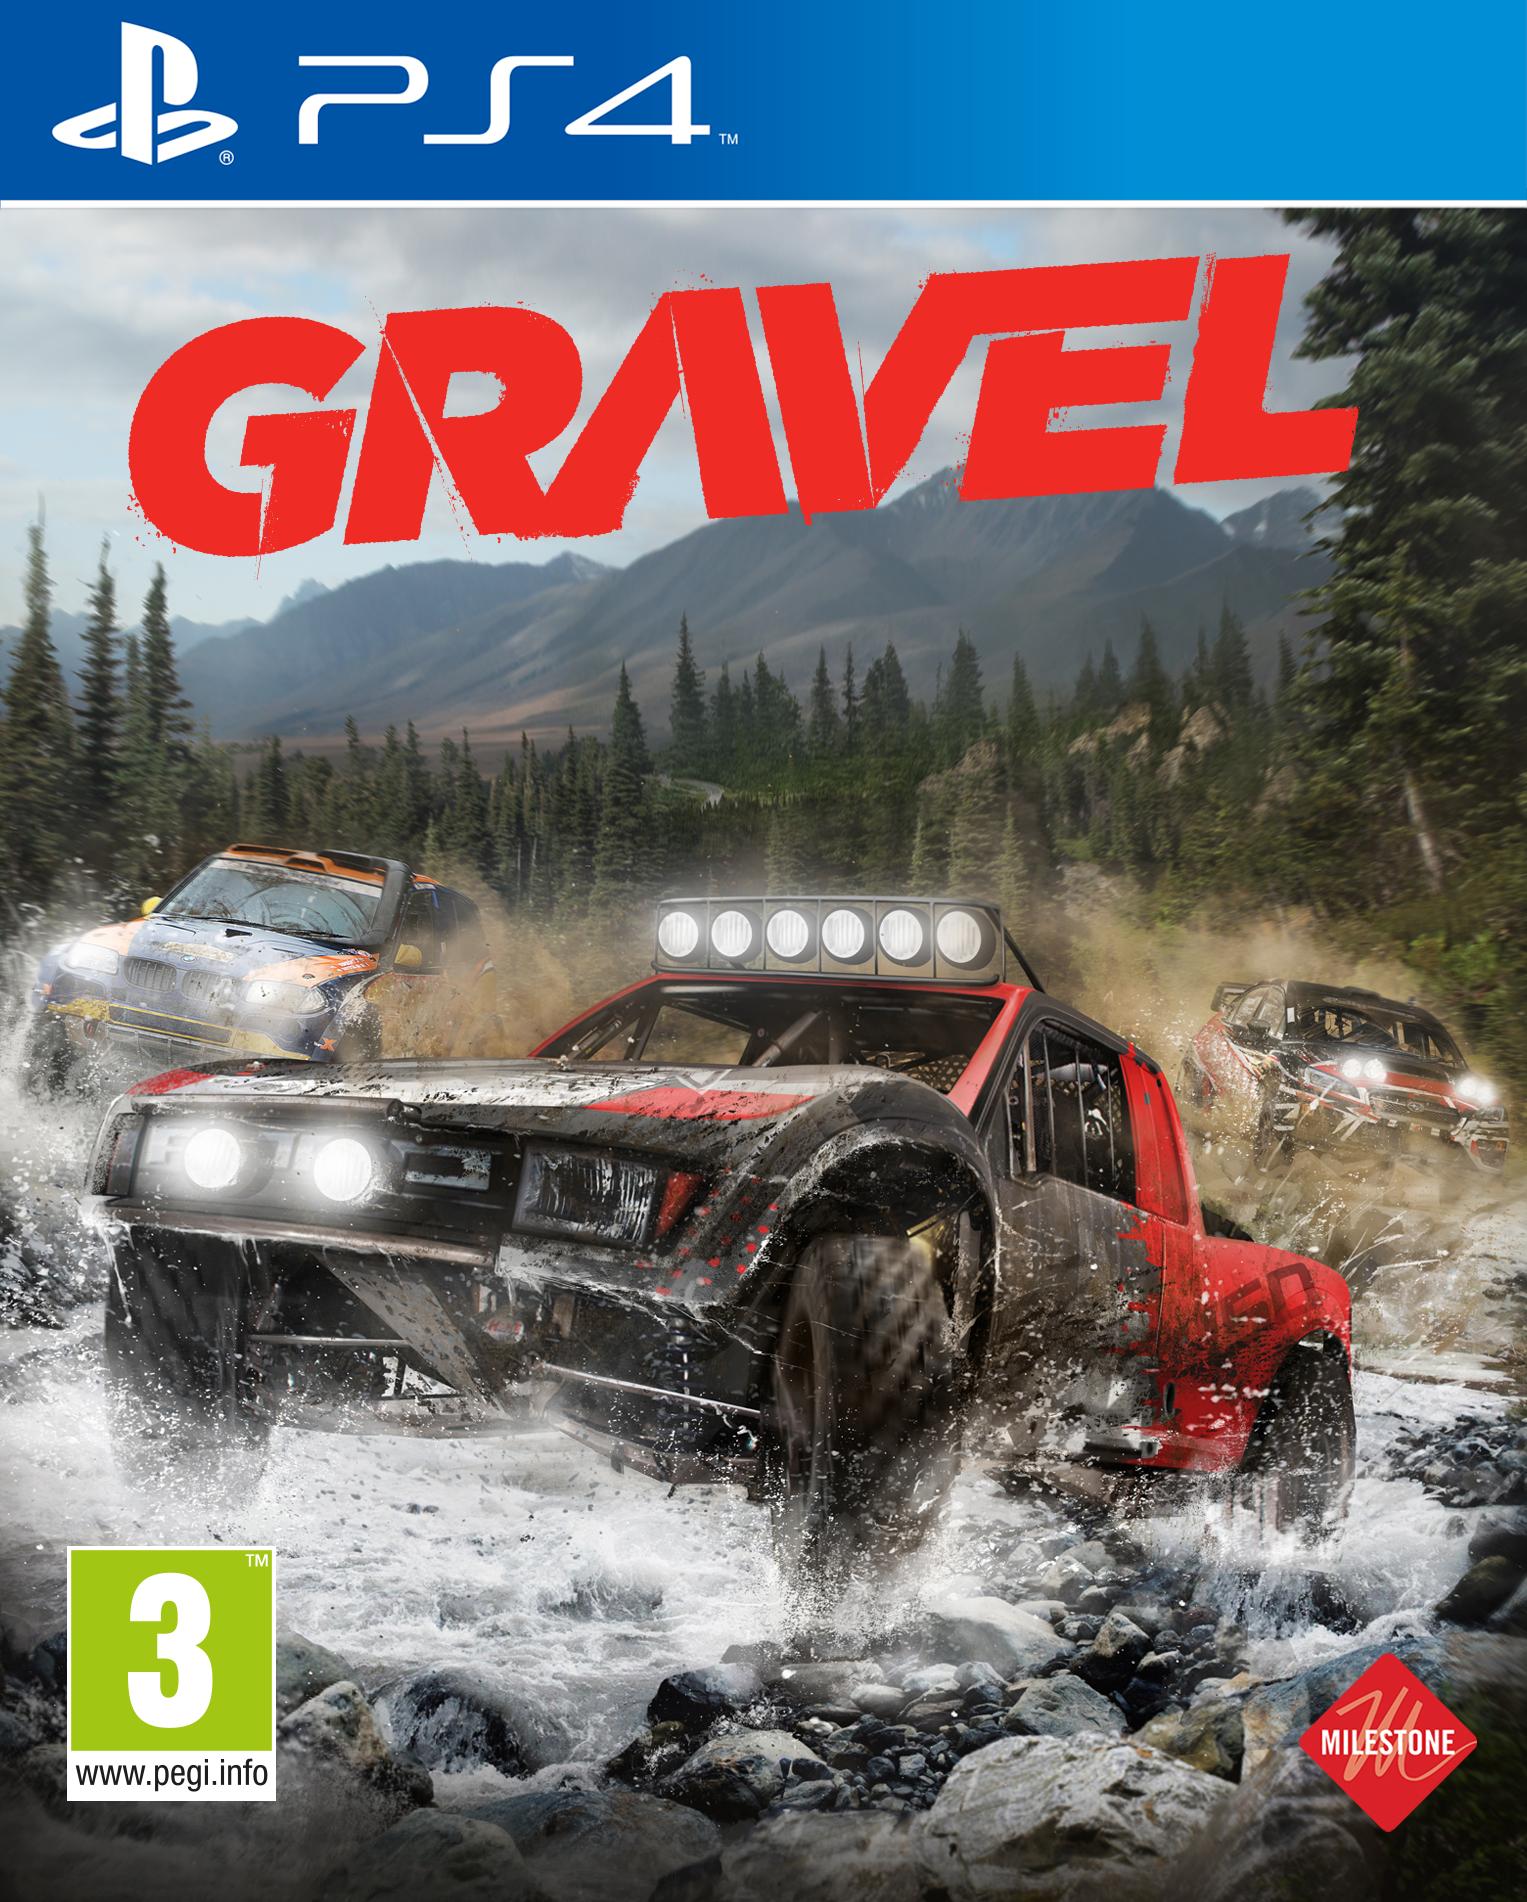 Gravel (UK/Arabic)